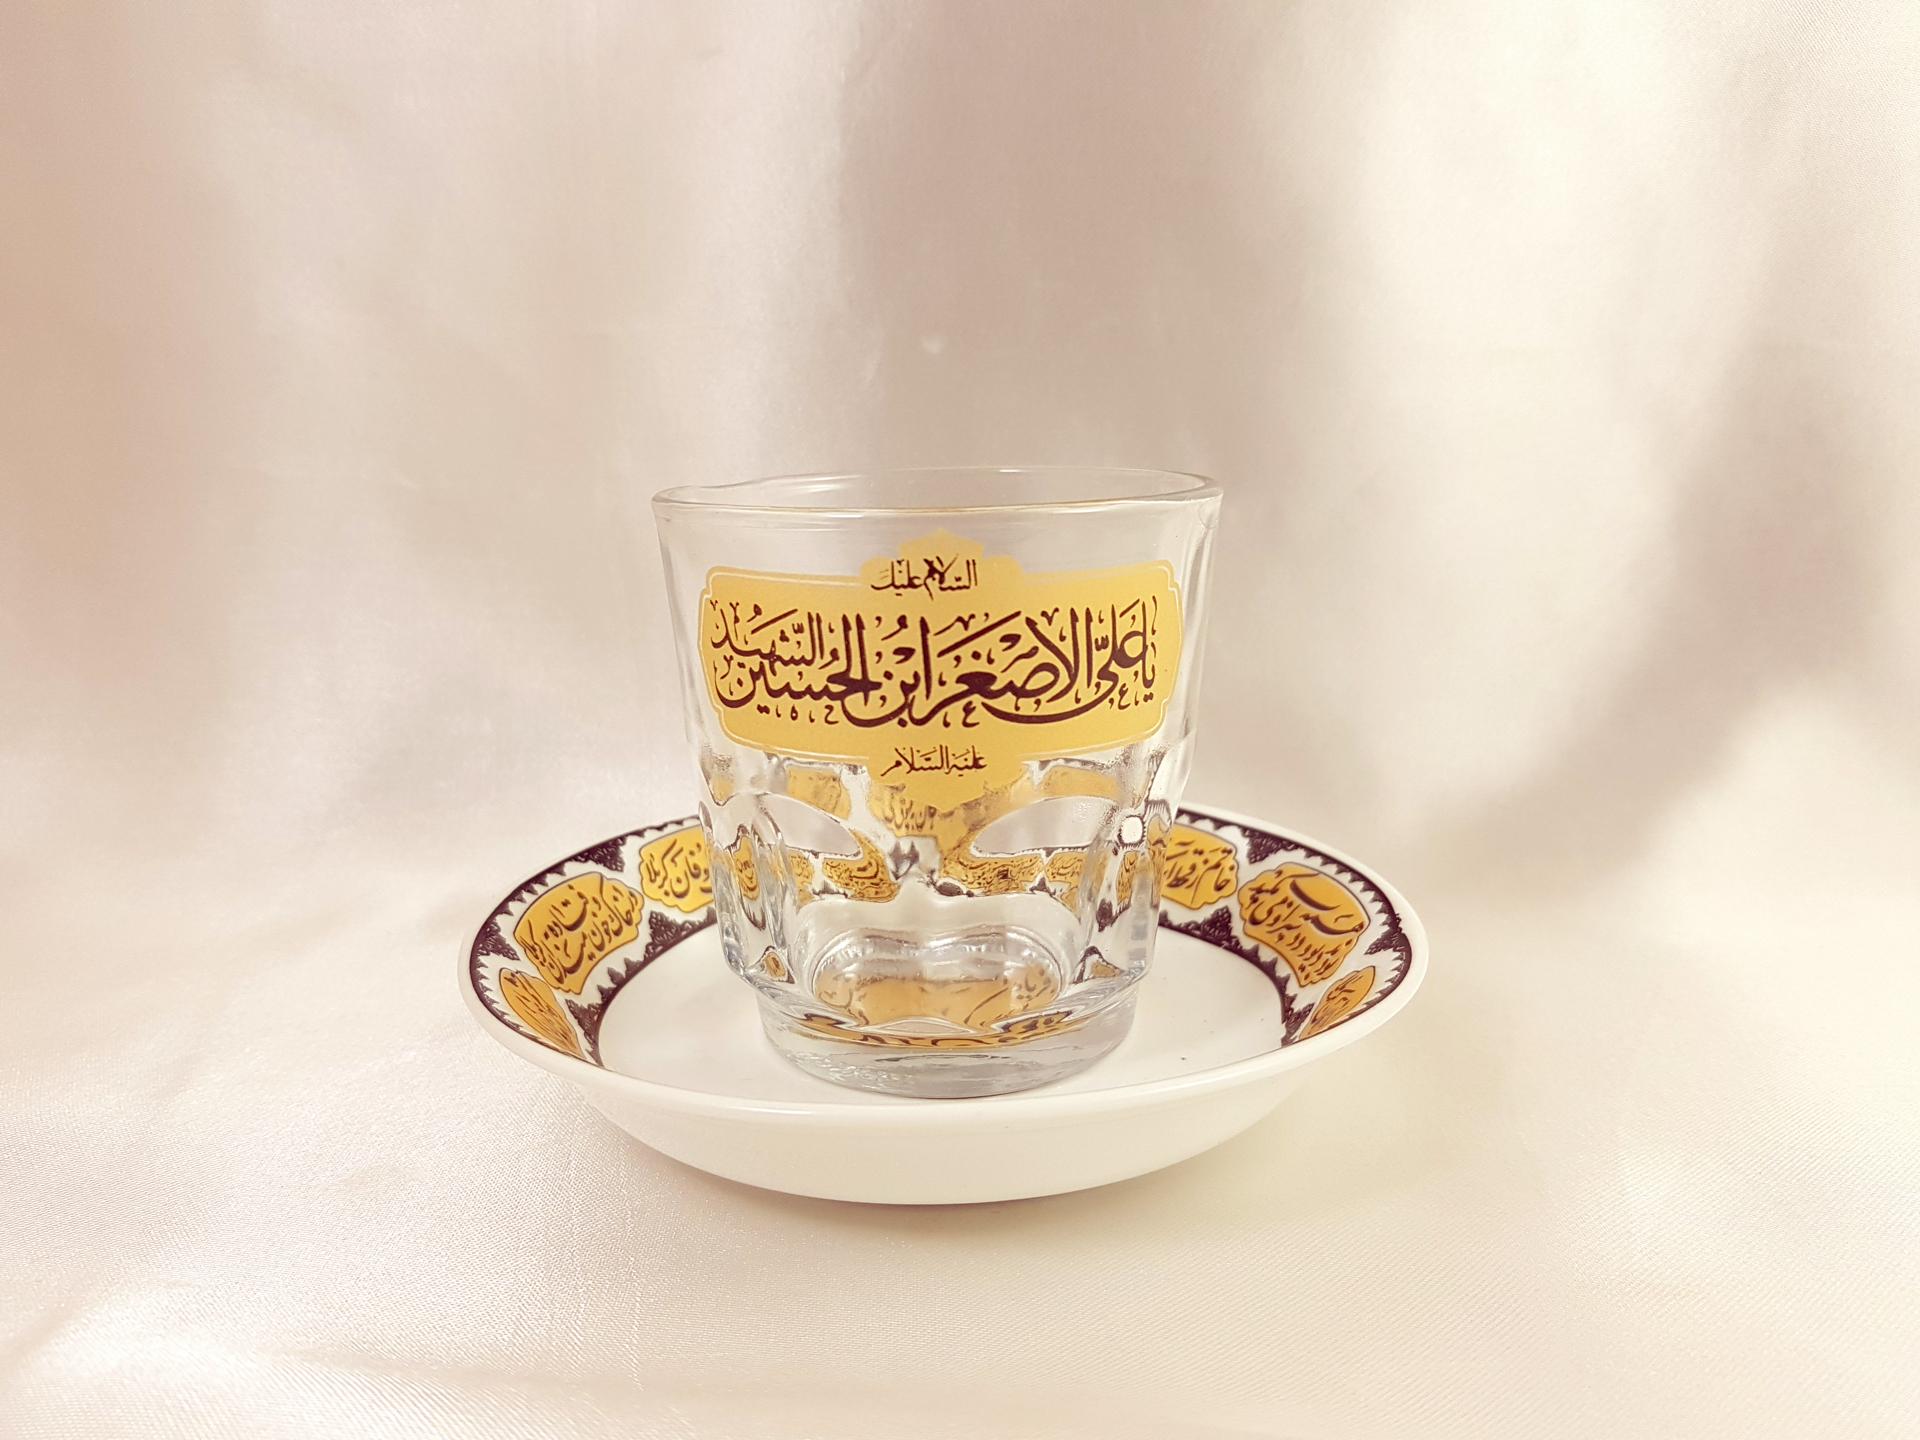 تصویر از استکان و نعلبکی نیم لیوان هیئت یا علی اصغر ابن الحسین(ع)